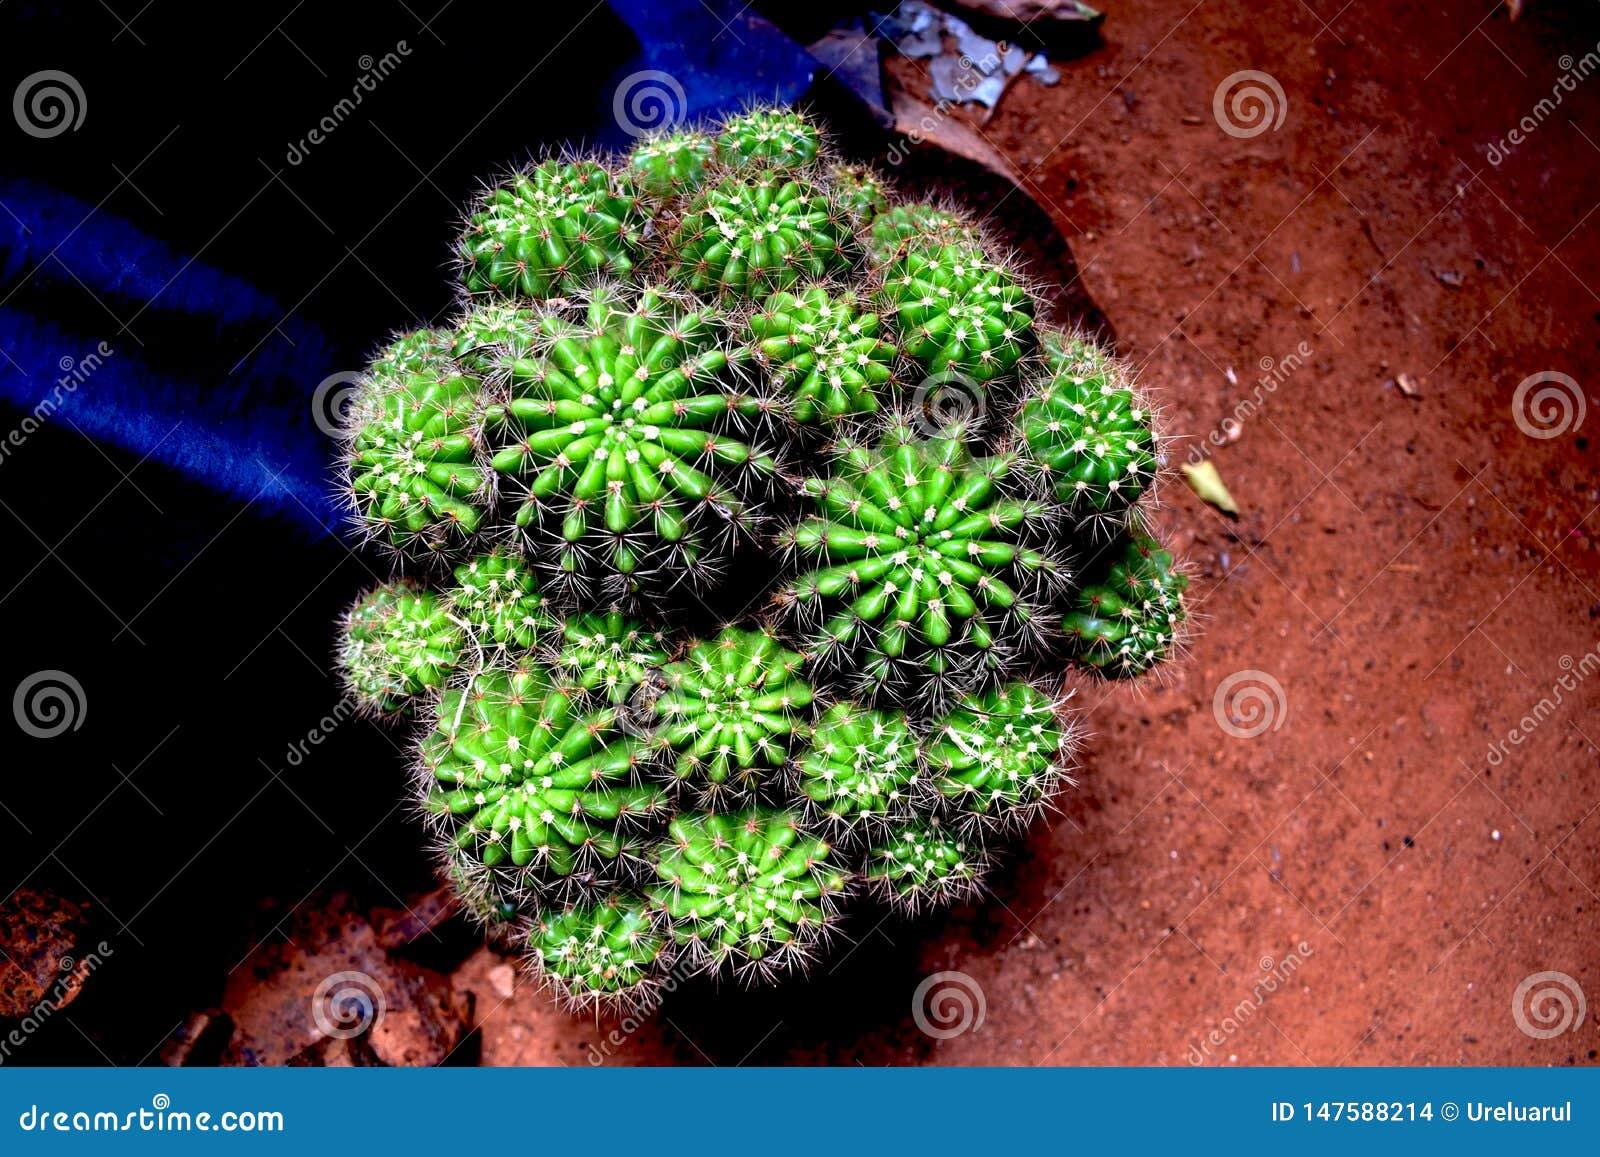 Novicio del cactus Cactus espinoso espinoso barril